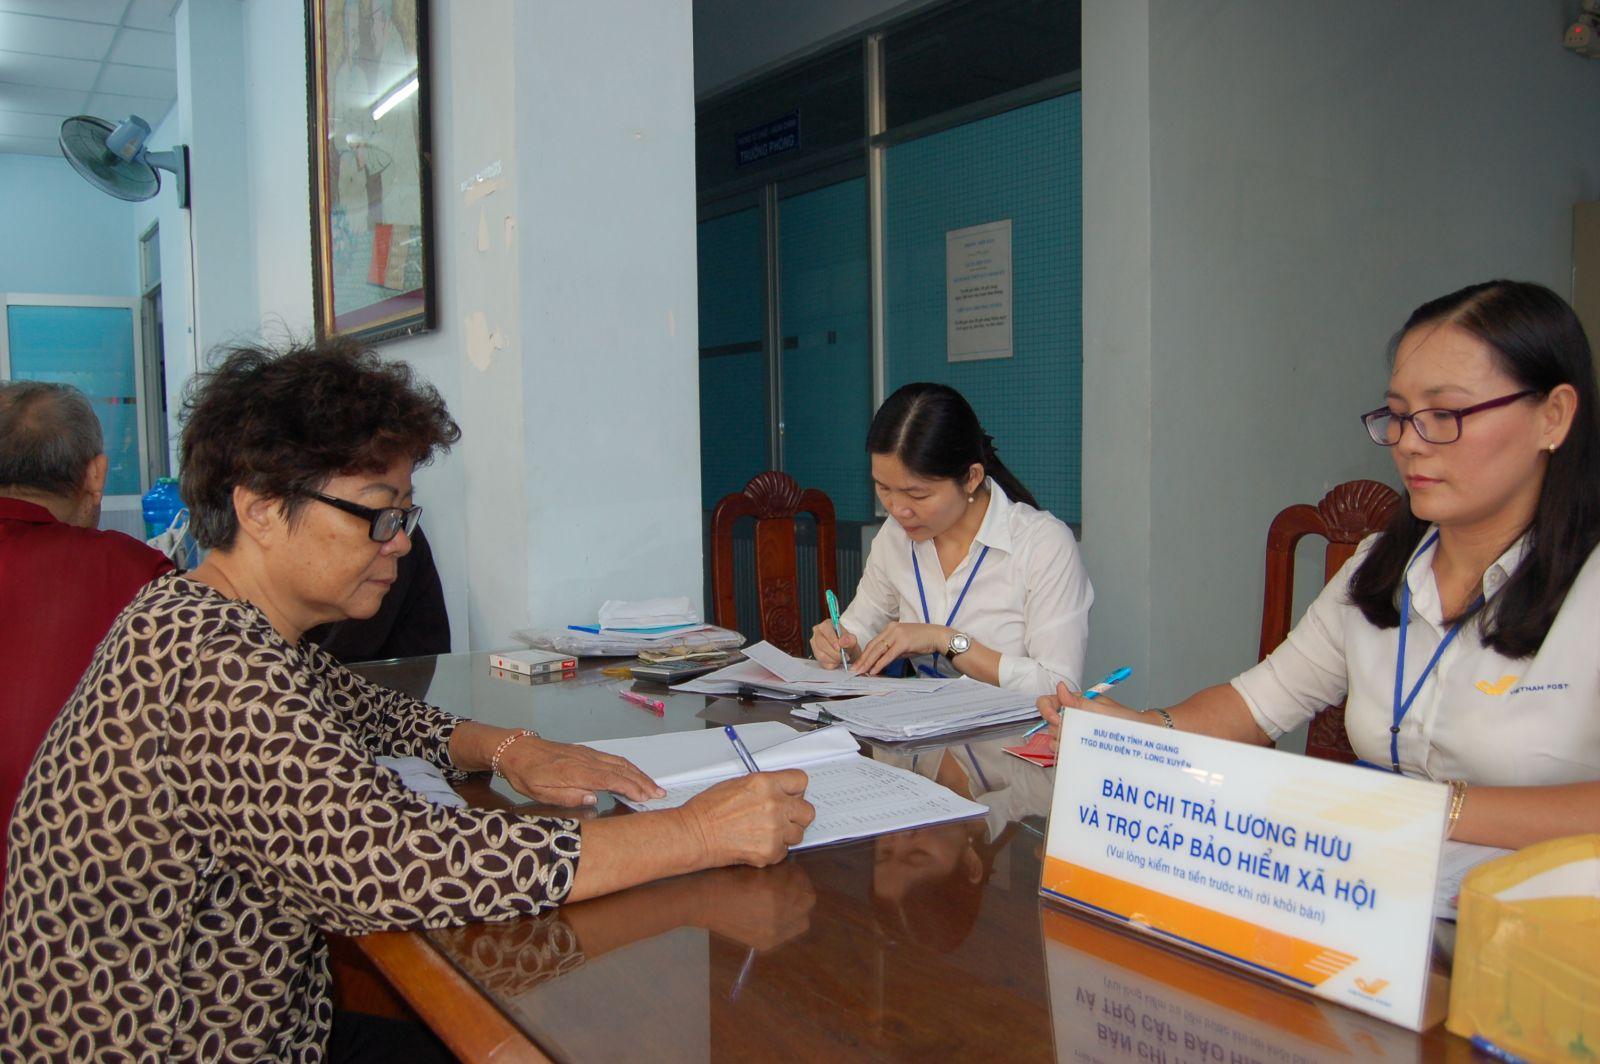 Trợ cấp bảo hiểm xã hội khi lao động nữ sẩy thai